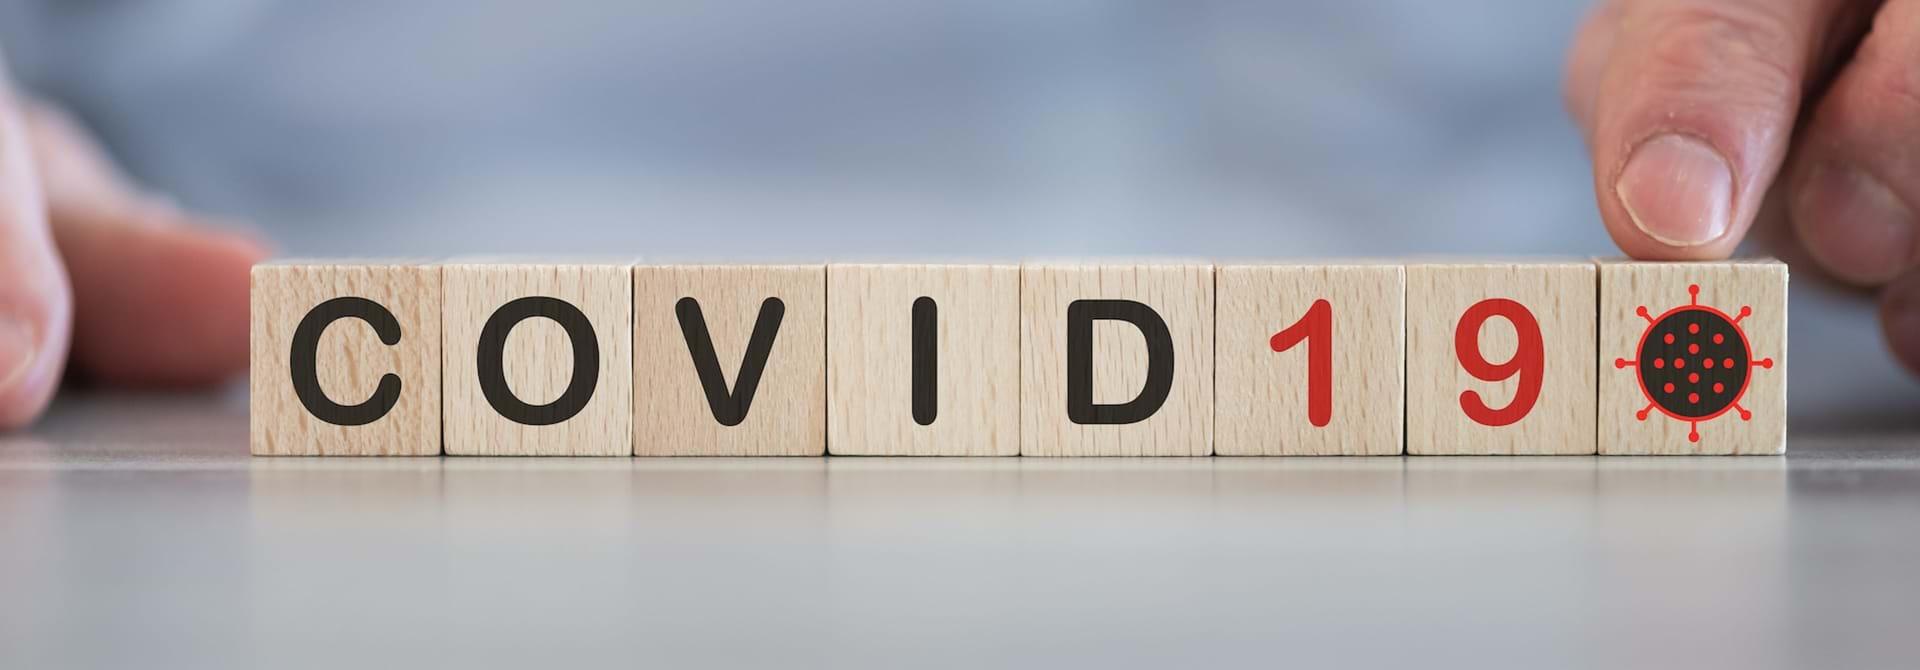 Covid 19 Stock Web